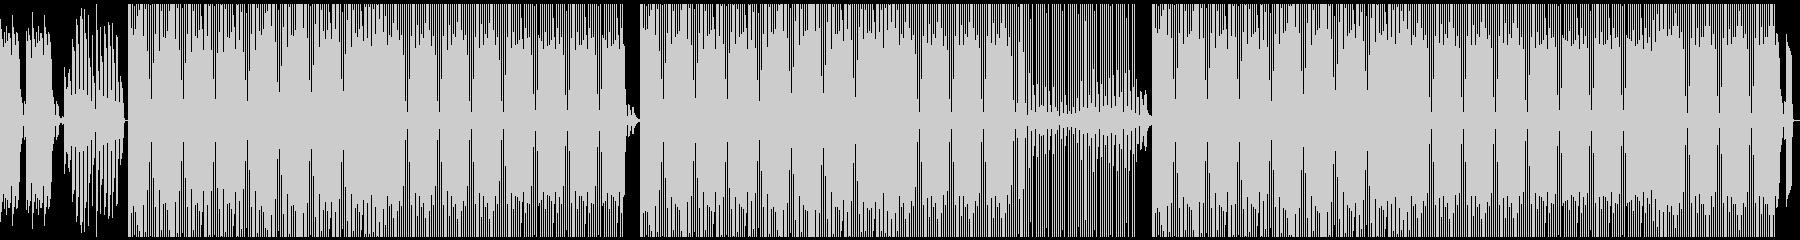 重低音トラップビートの未再生の波形